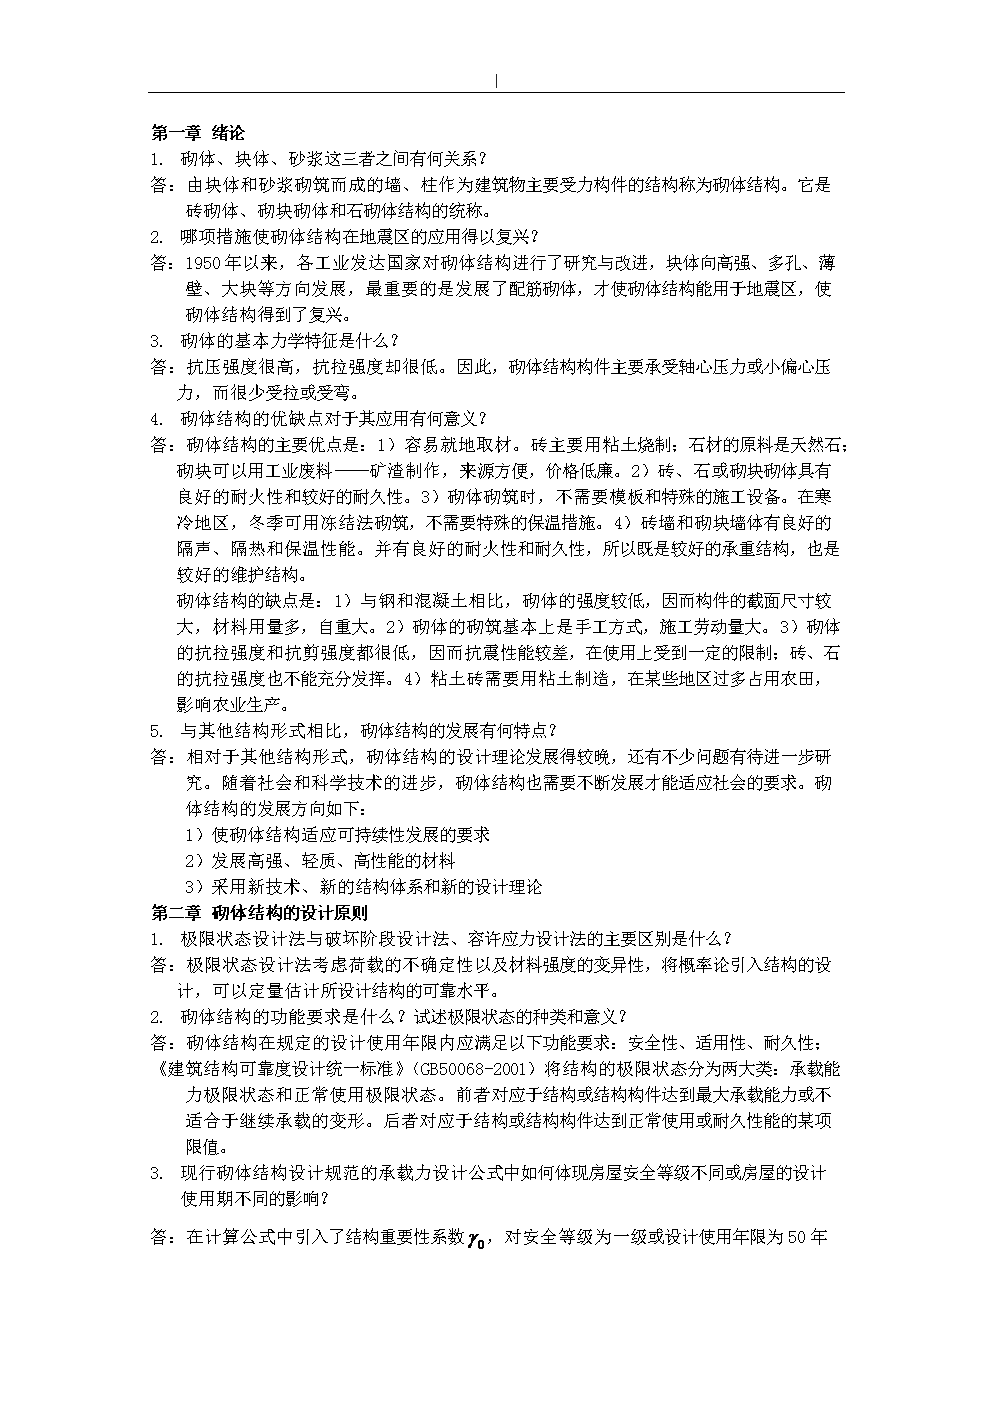 砌体结构课后习题-答案~.doc图片